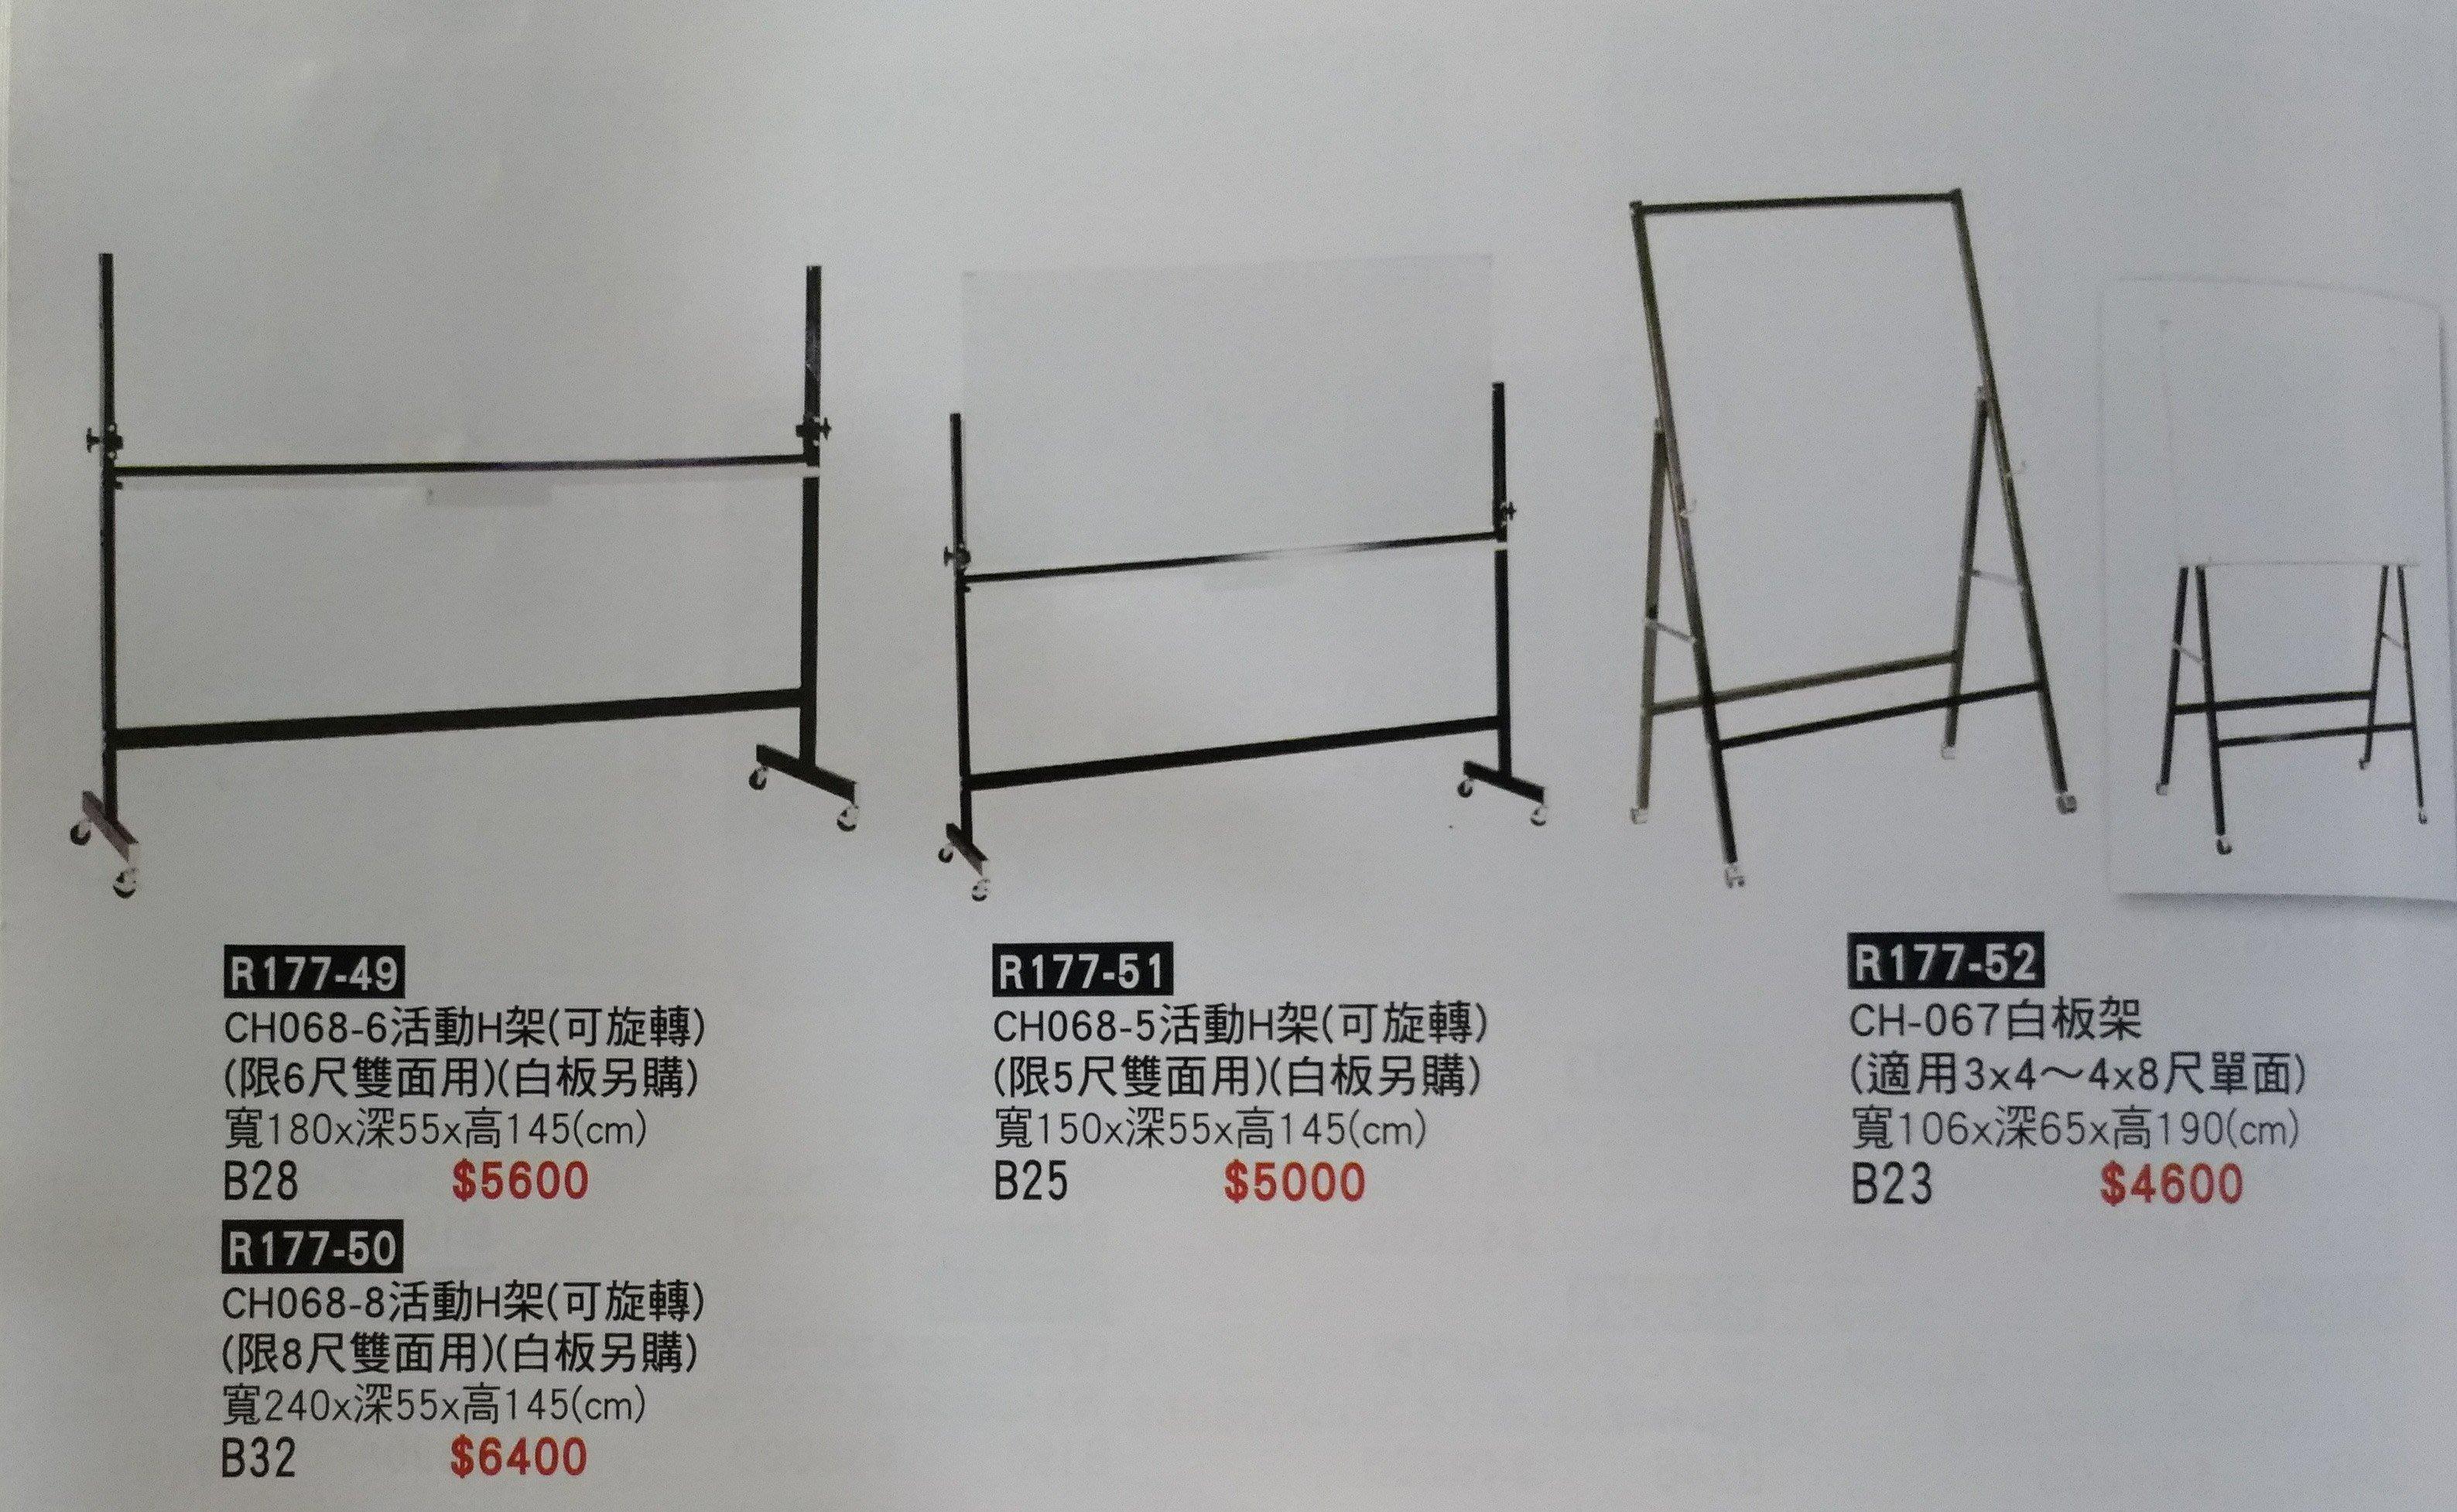 亞毅oa辦公家具 白板專用架 活動式H型白板架 限五尺 註  不含其他商品   註    不含運費